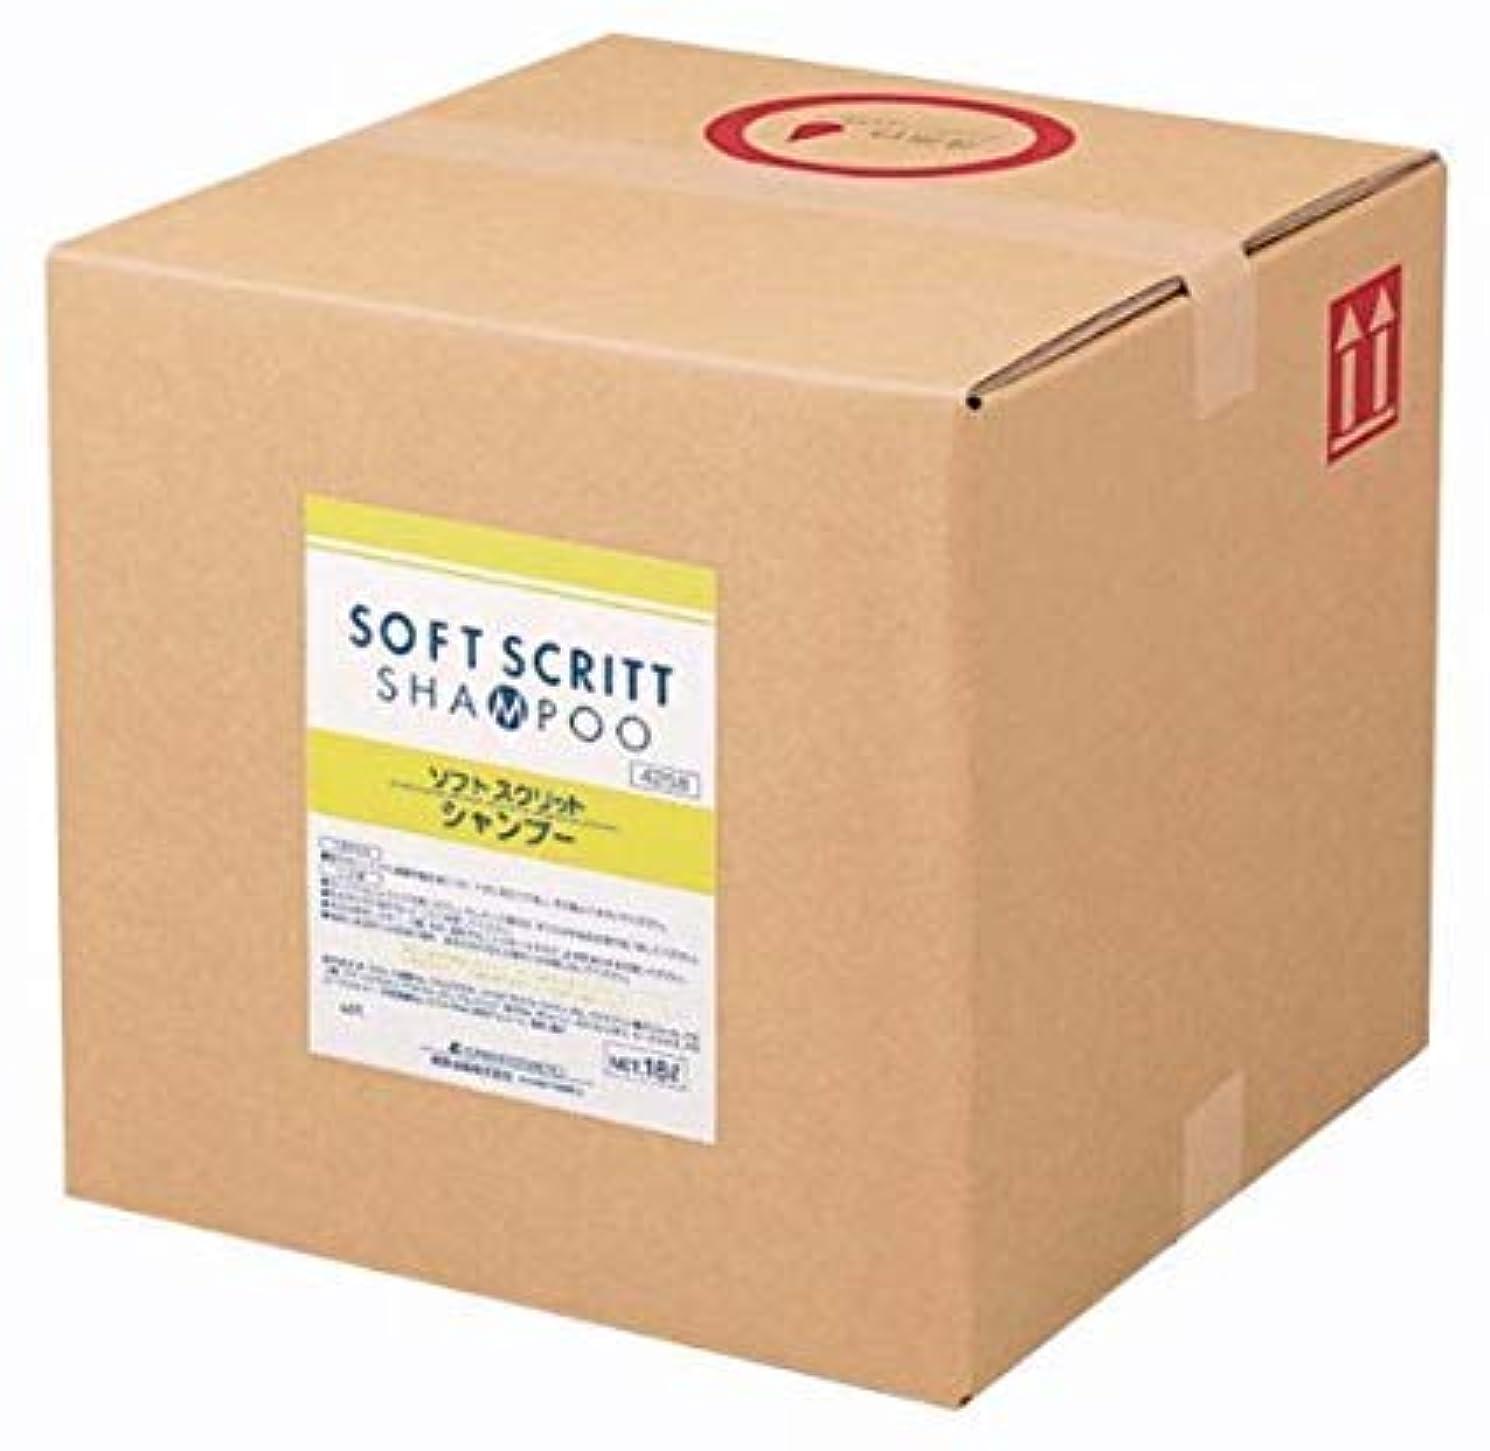 漁師違反レビュー業務用 SOFT SCRITT(ソフト スクリット) シャンプー 18L 熊野油脂 (コック無し)